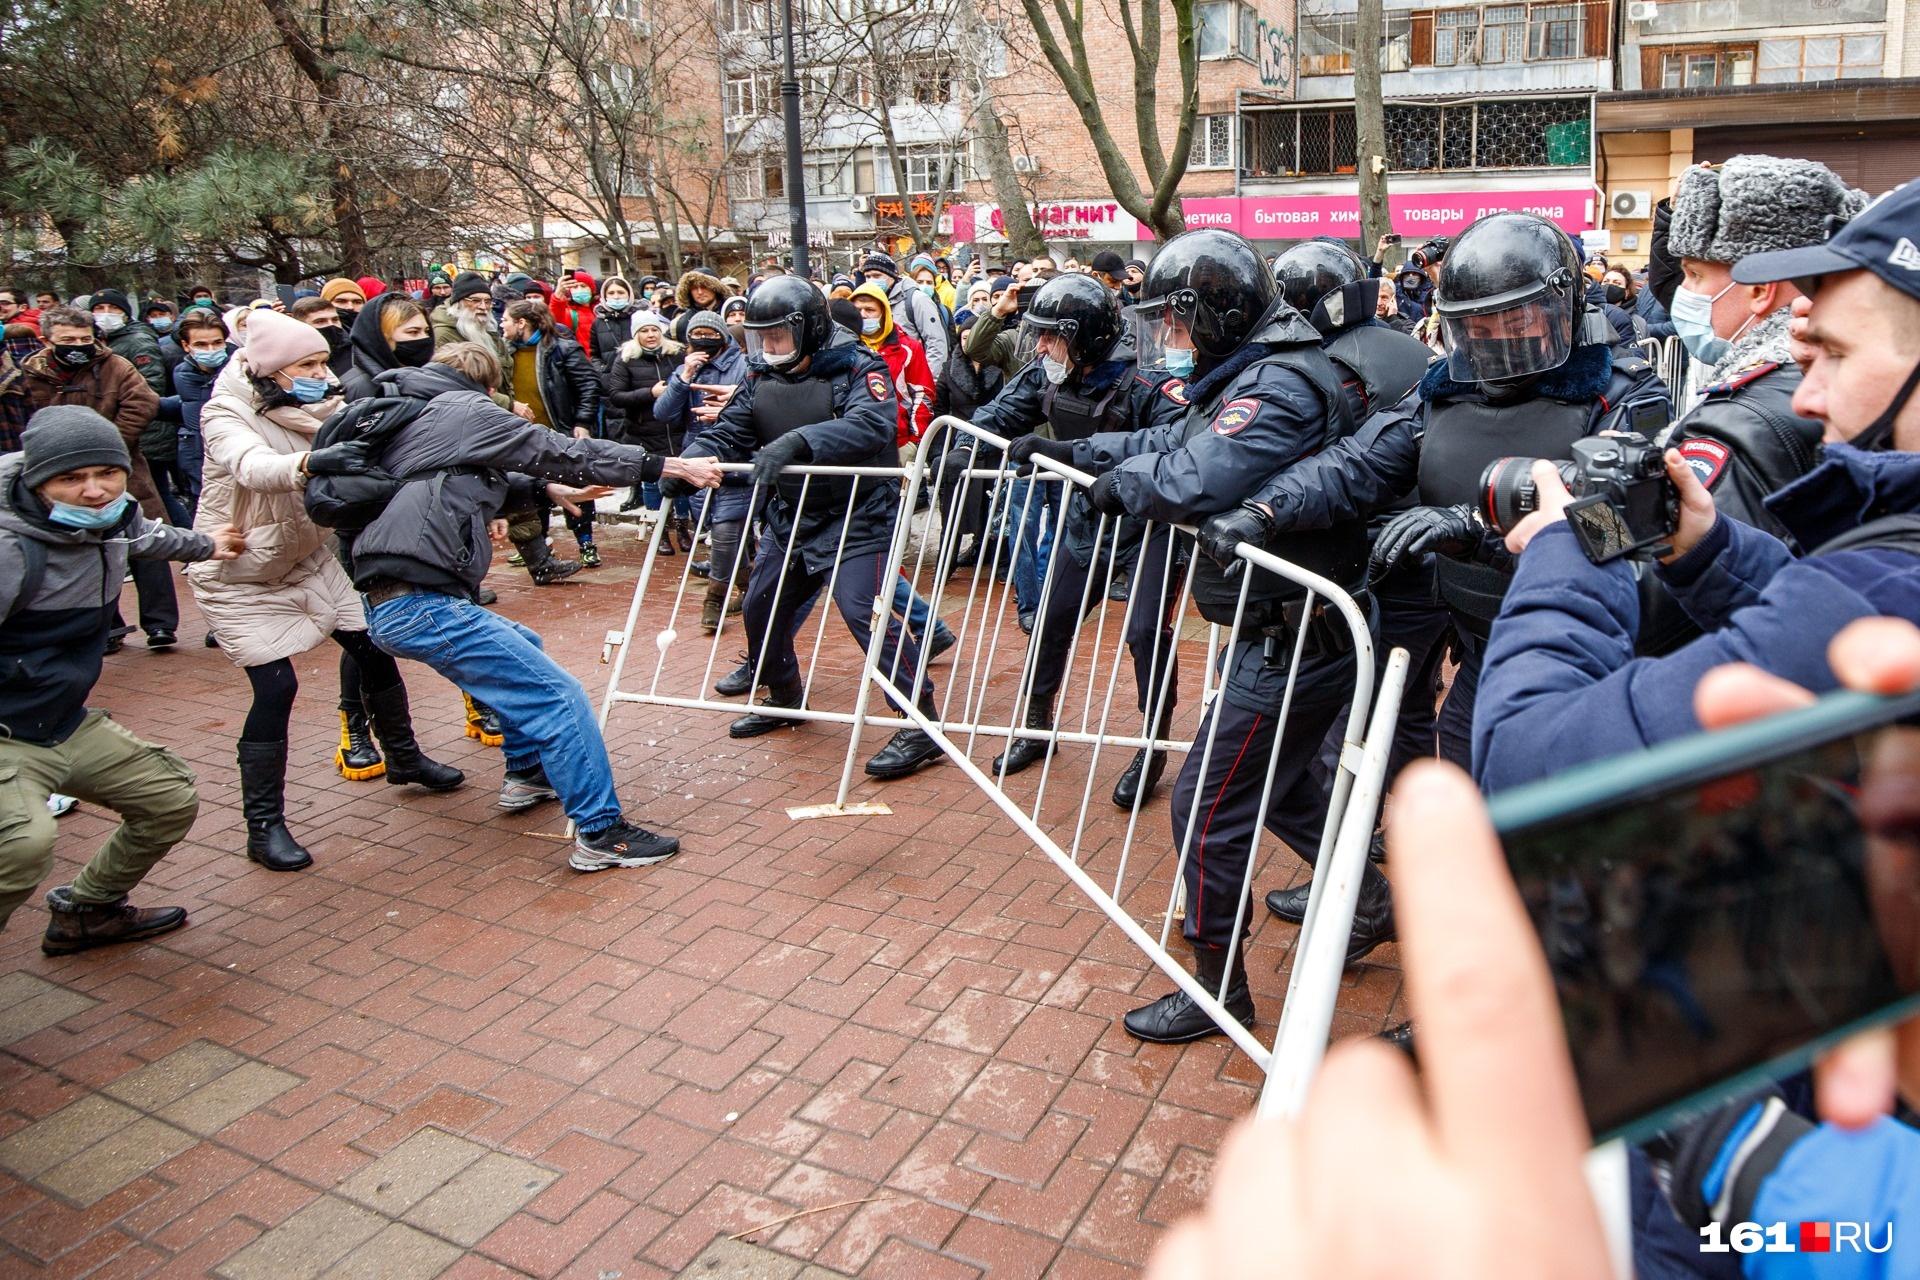 Во многих городах акции протеста продолжились жесткими стычками протестующих и стражей порядка